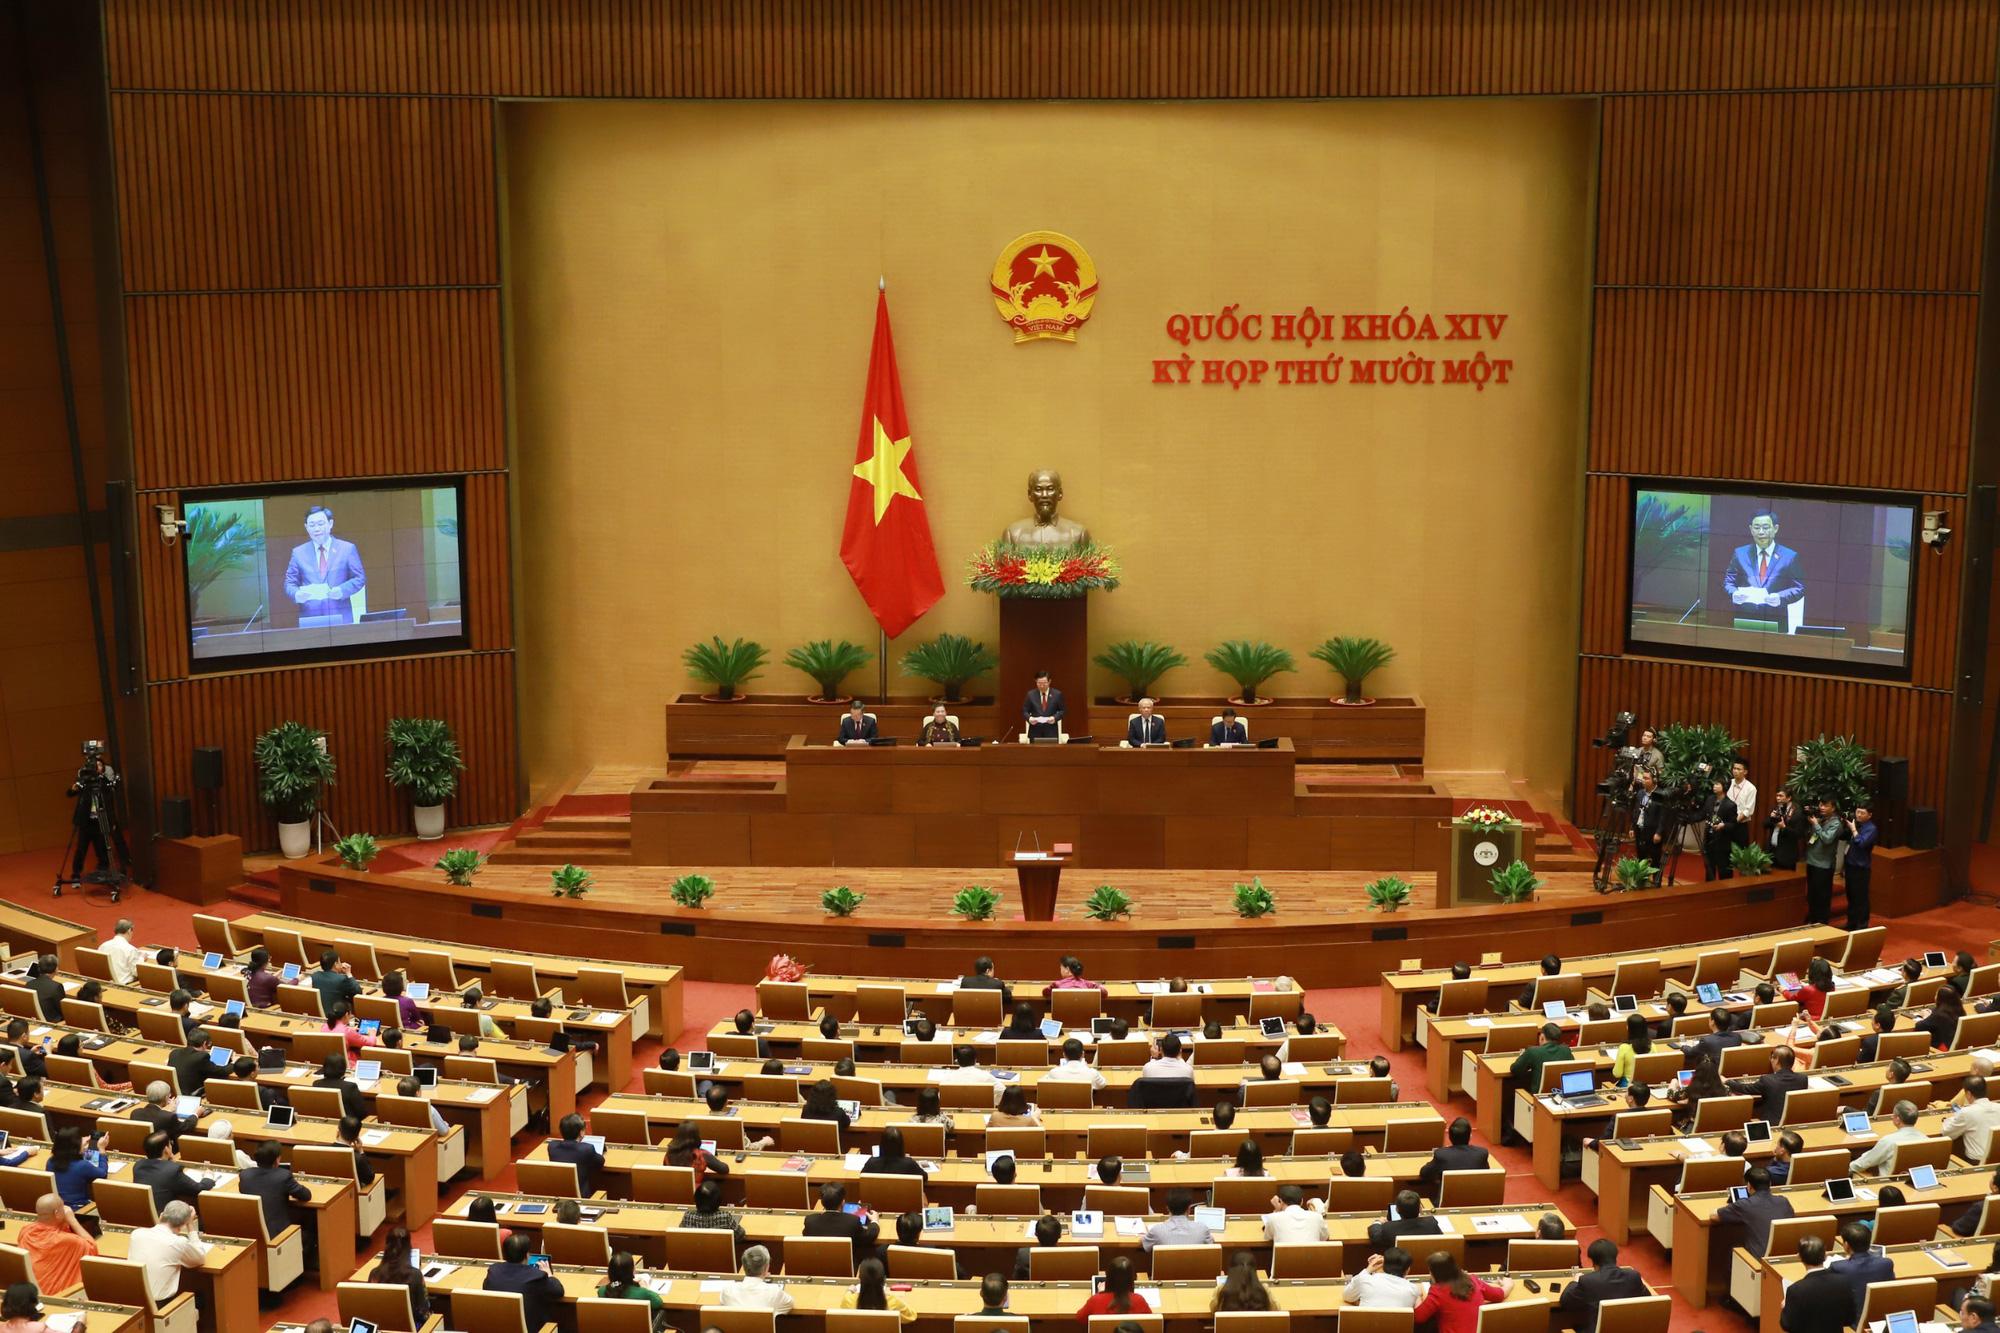 Ảnh: Tân Chủ tịch Quốc hội Vương Đình Huệ tuyên thệ nhậm chức, điều hành phiên họp - Ảnh 7.